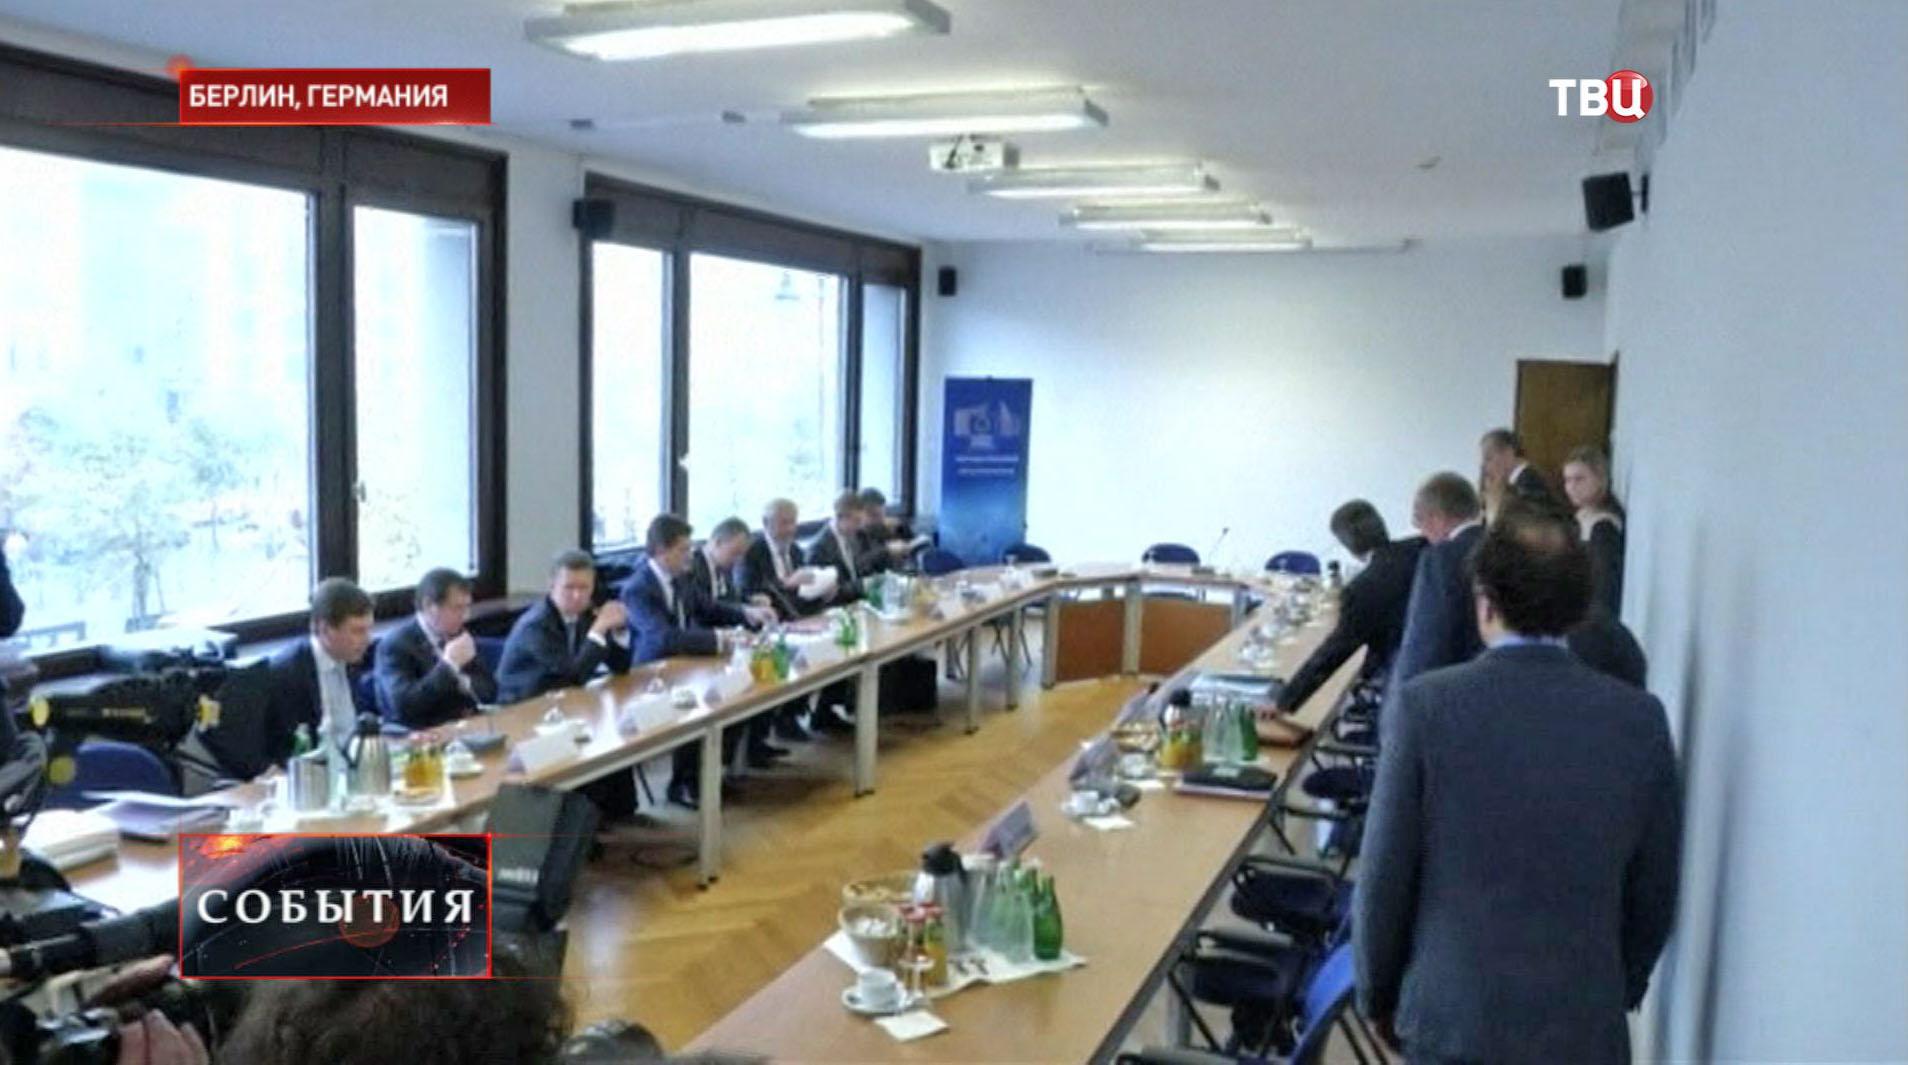 Переговоры по газовому вопросу в Берлине